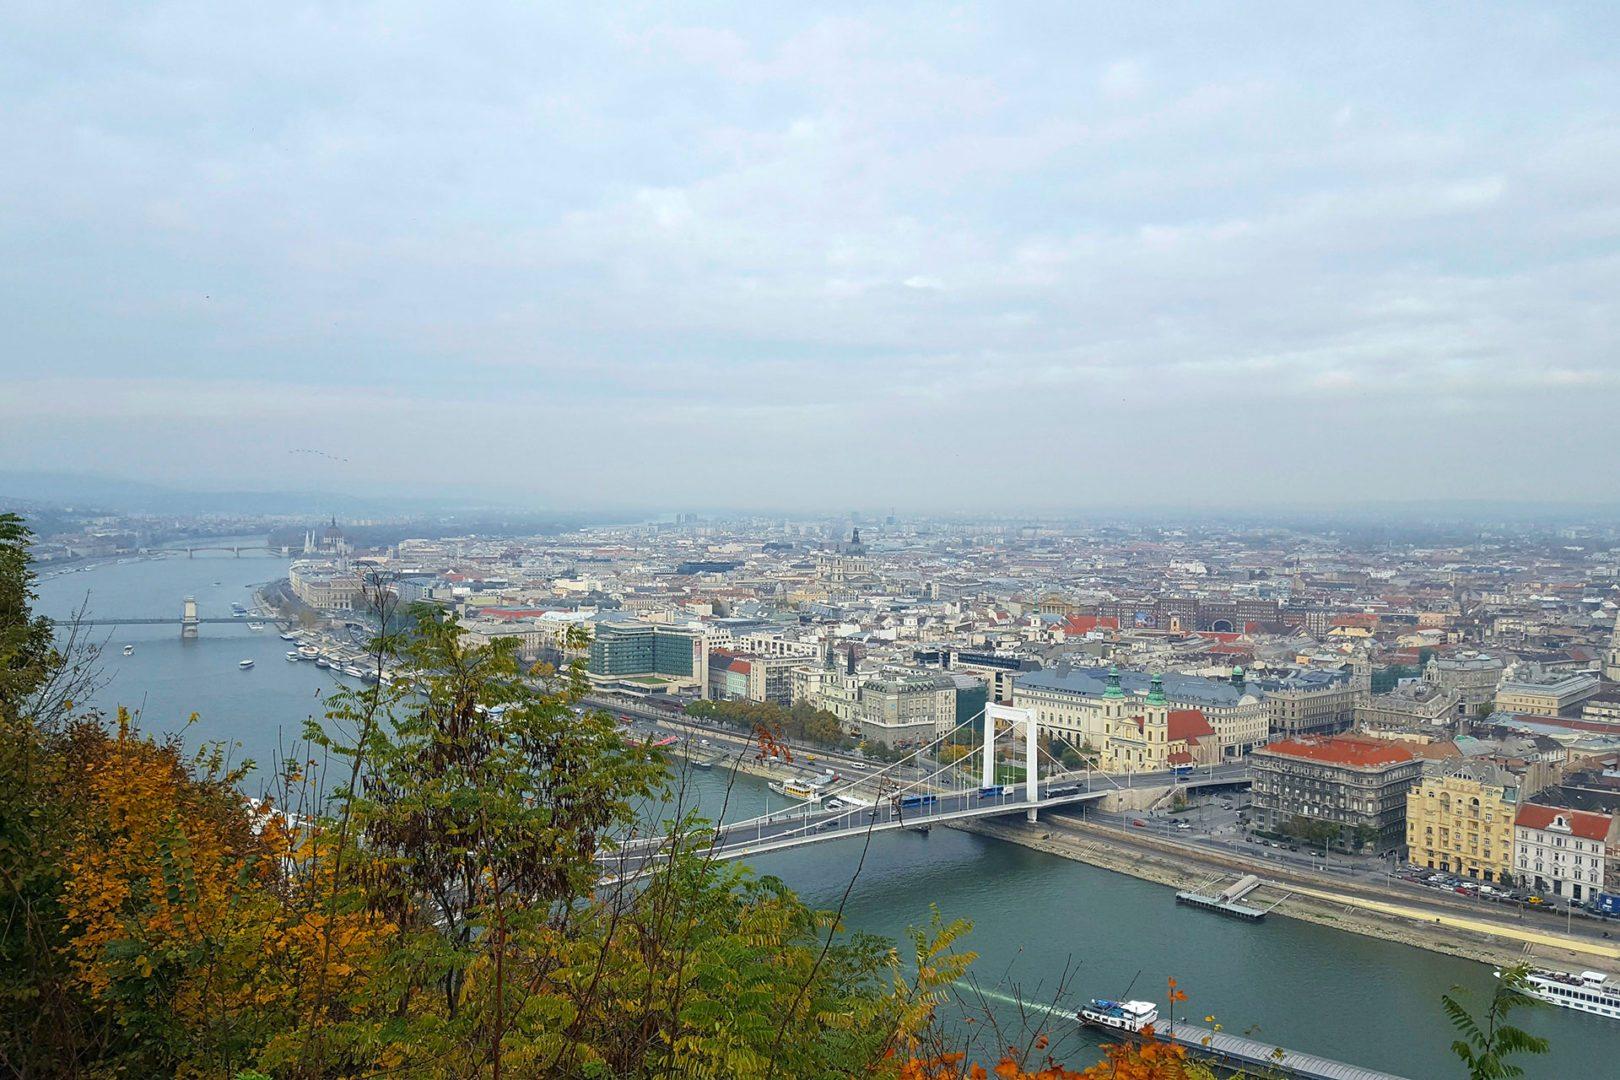 foto panoramica di budapest da buda